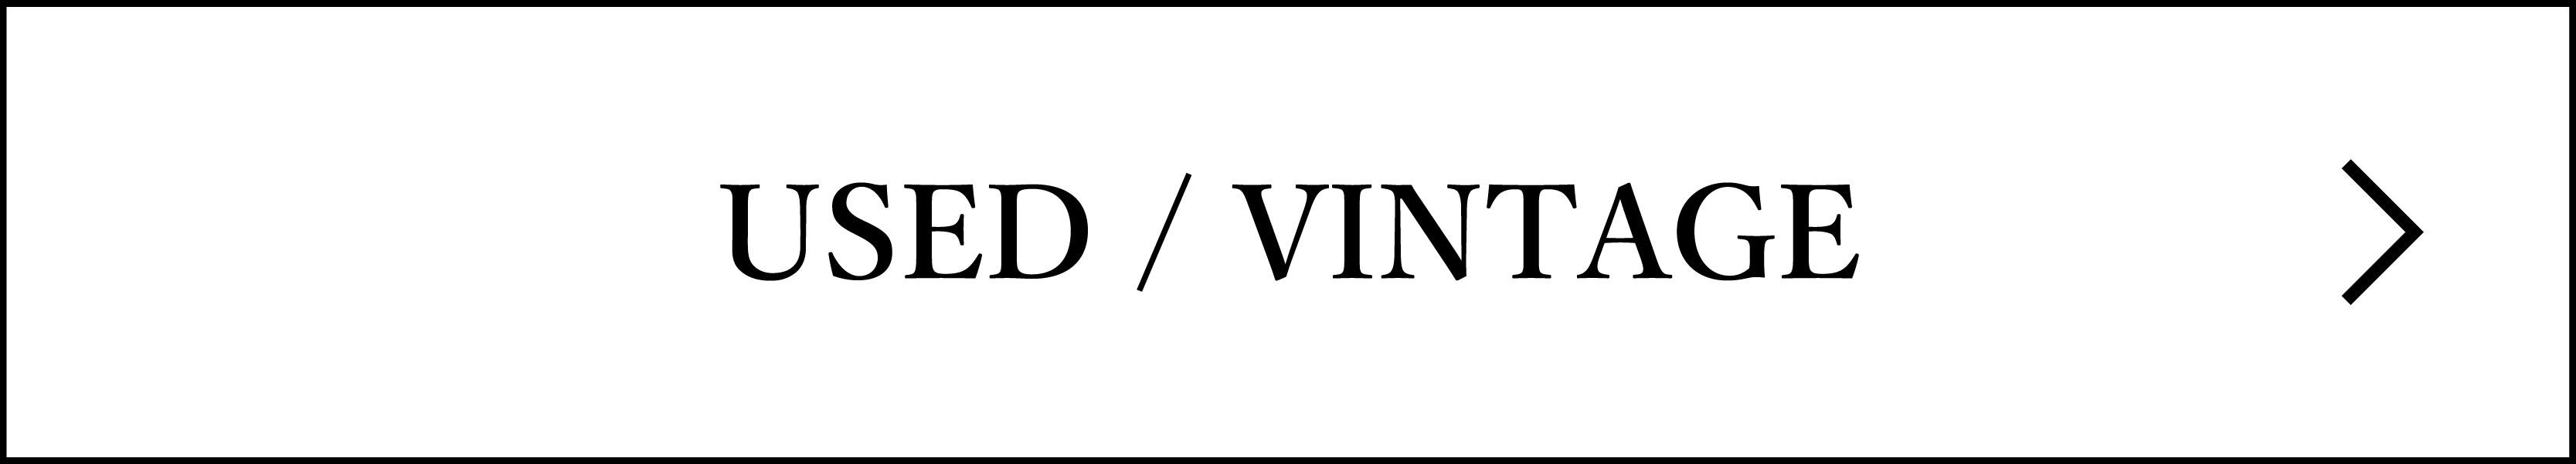 USED / VINTAGE